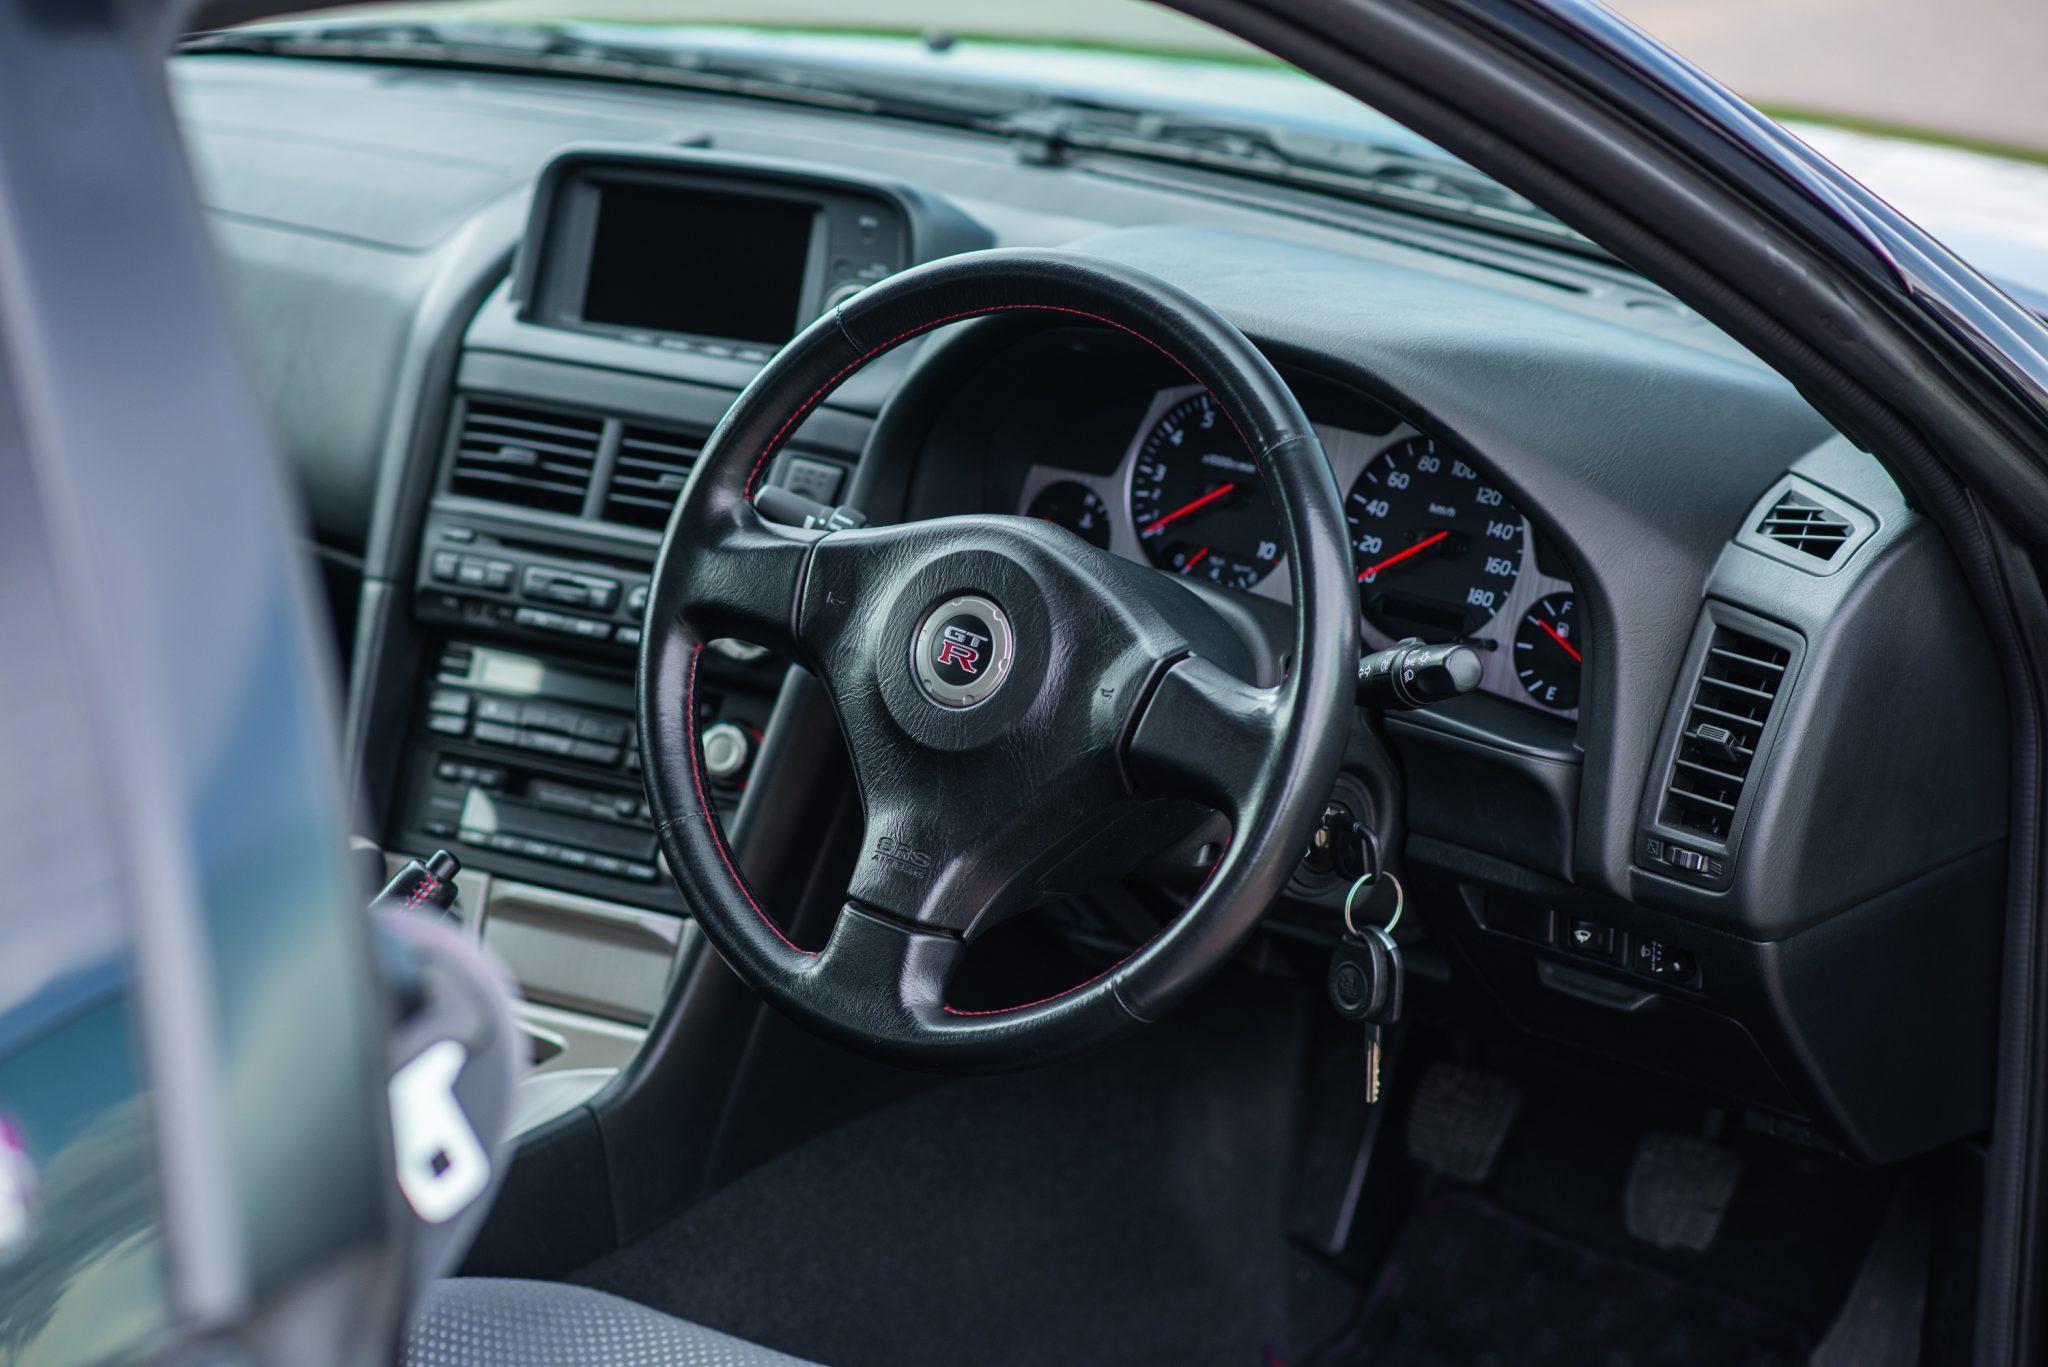 1999 Nissan Skyline GT-R V-Spec interior driver side